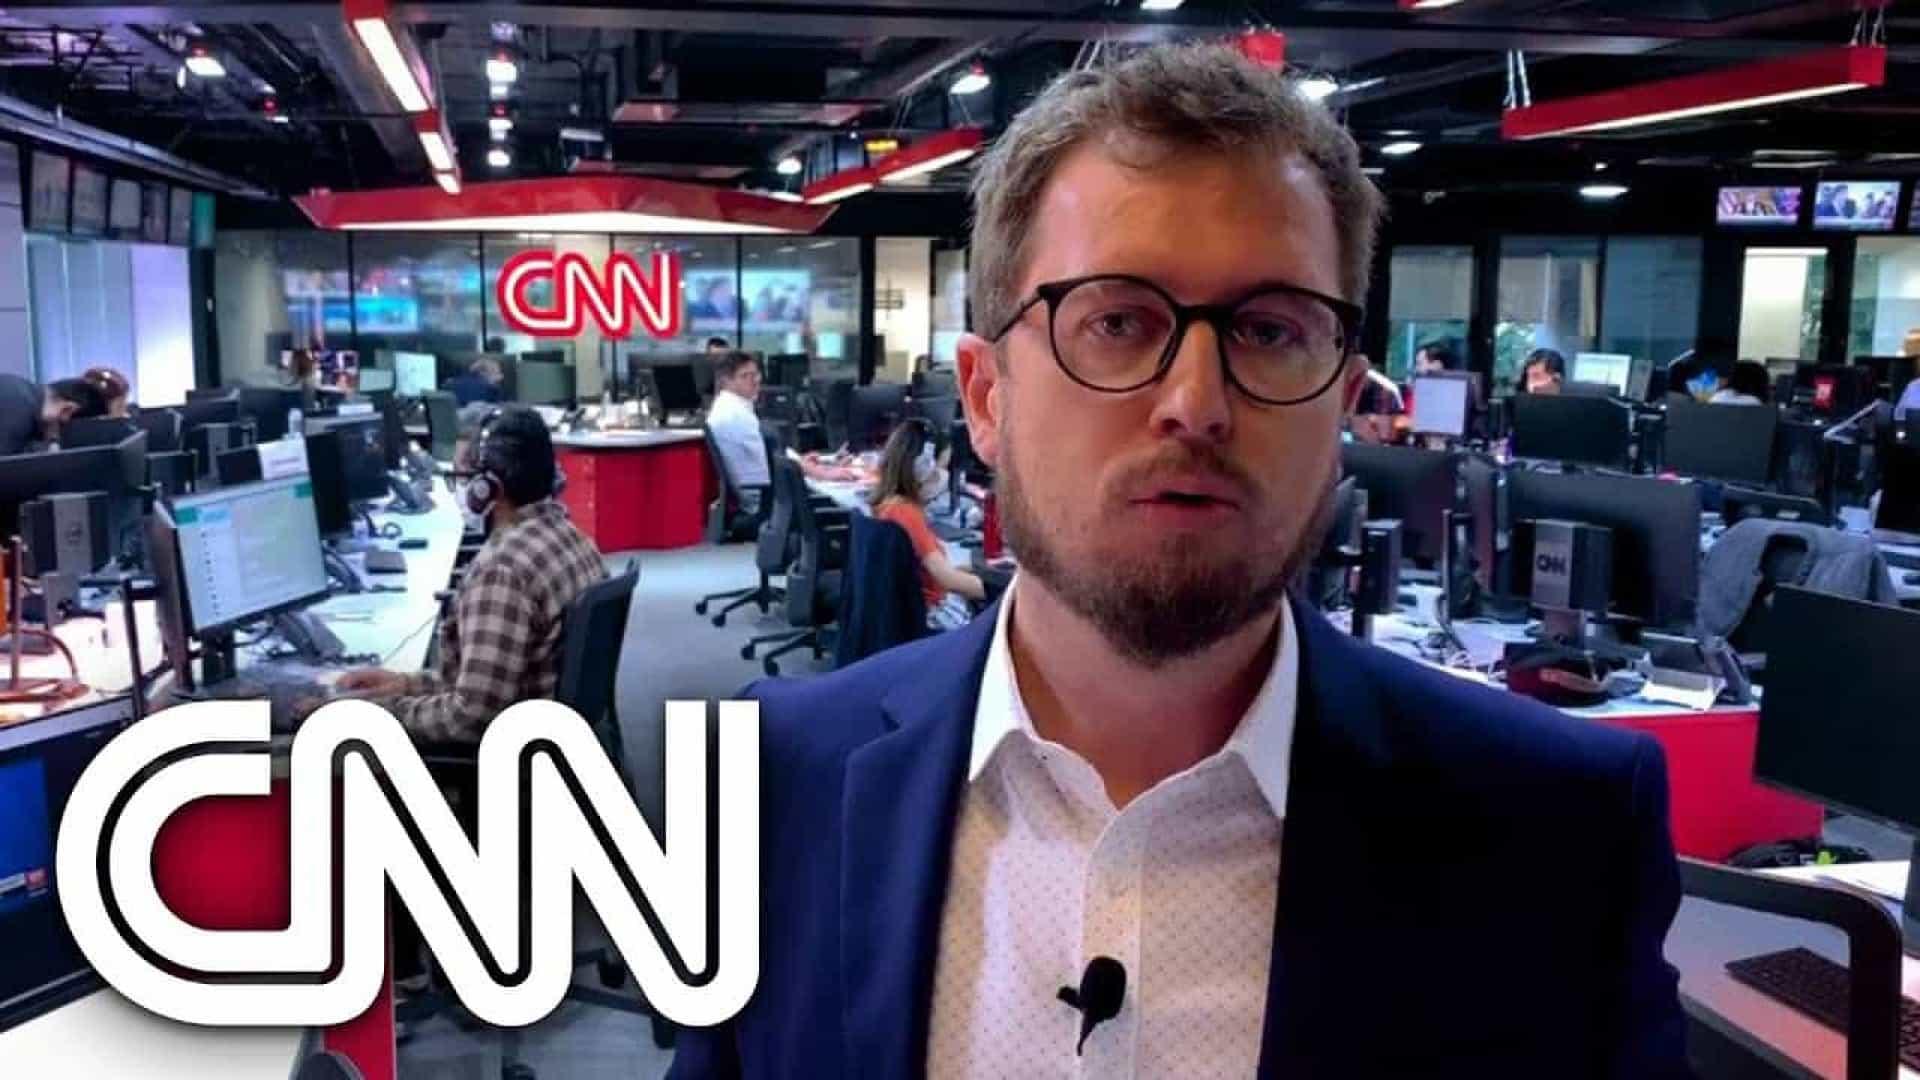 Ao demitir Narloch, CNN sugere que quer criar o comentarista eunuco, o que fala mas não tem opinião